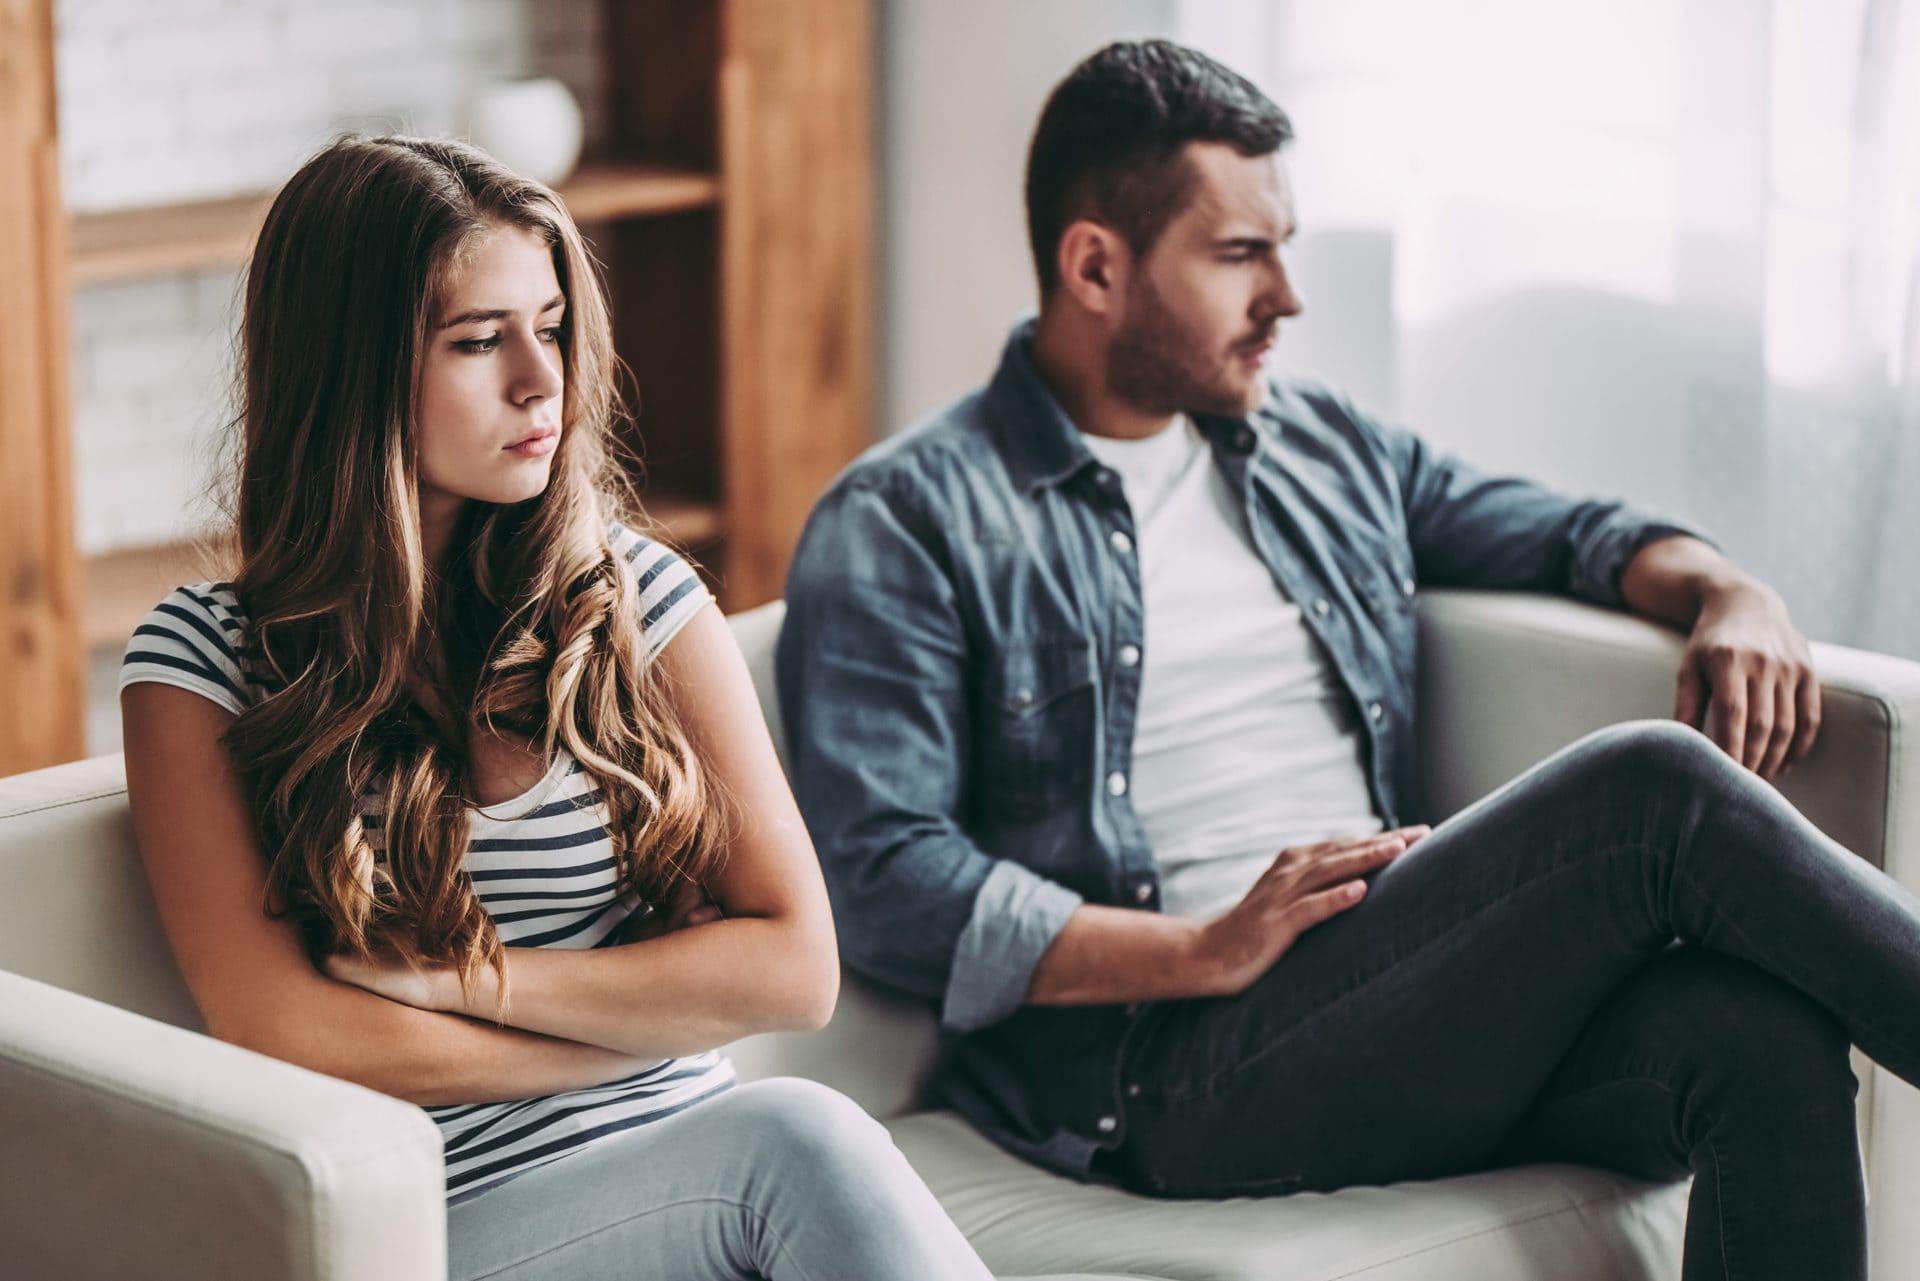 как перестать быть наивной в отношениях с мужчиной